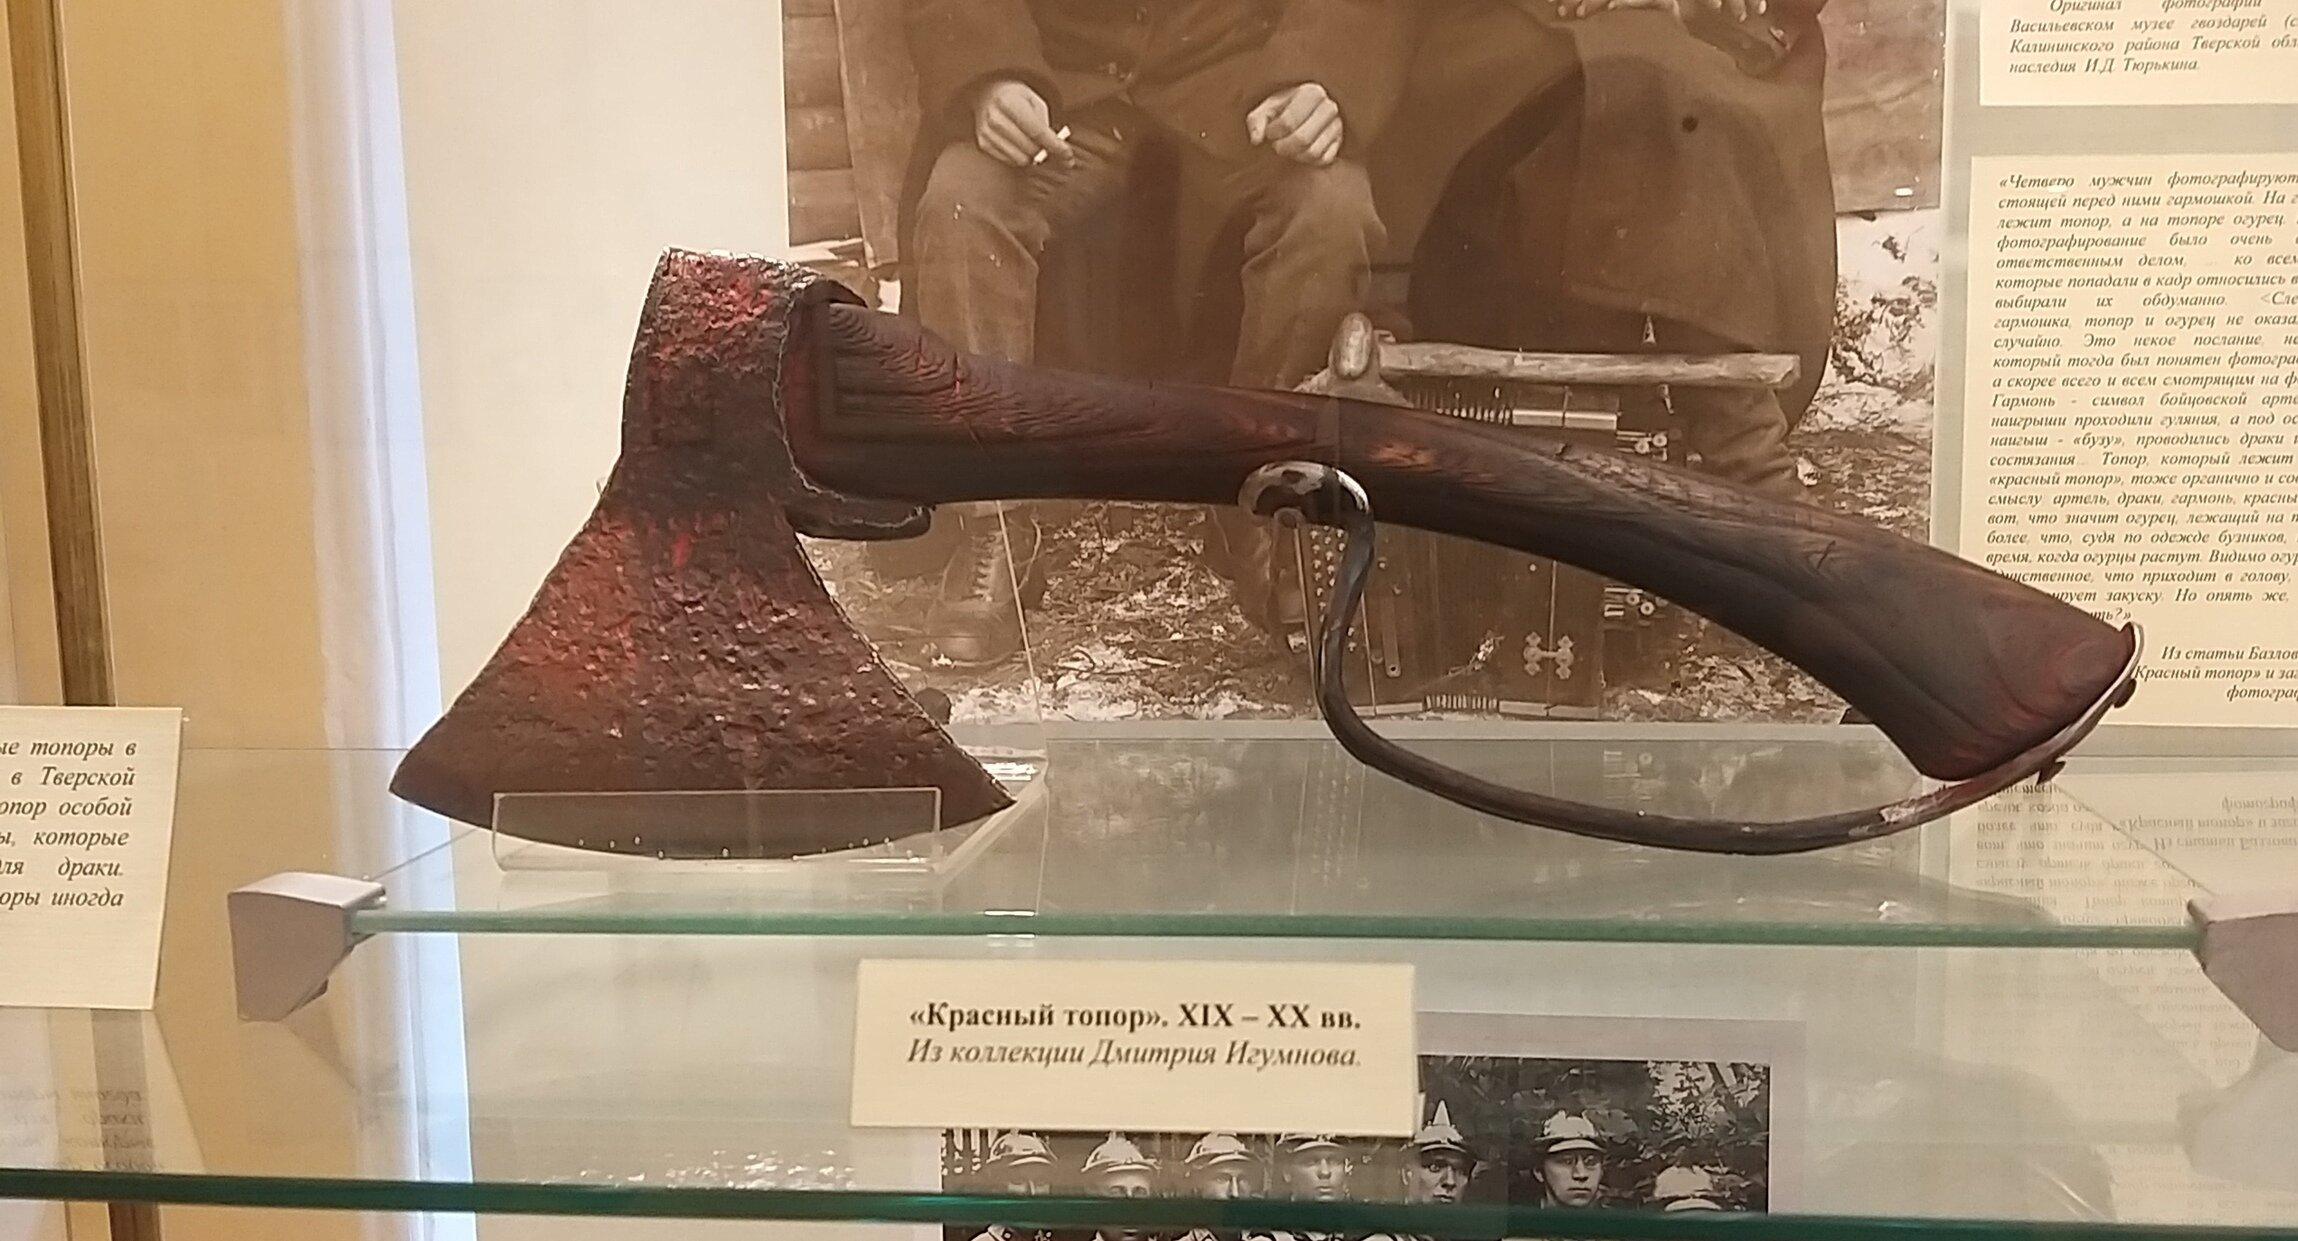 В Ярославле представили уникальное фото с топором из тверского музея